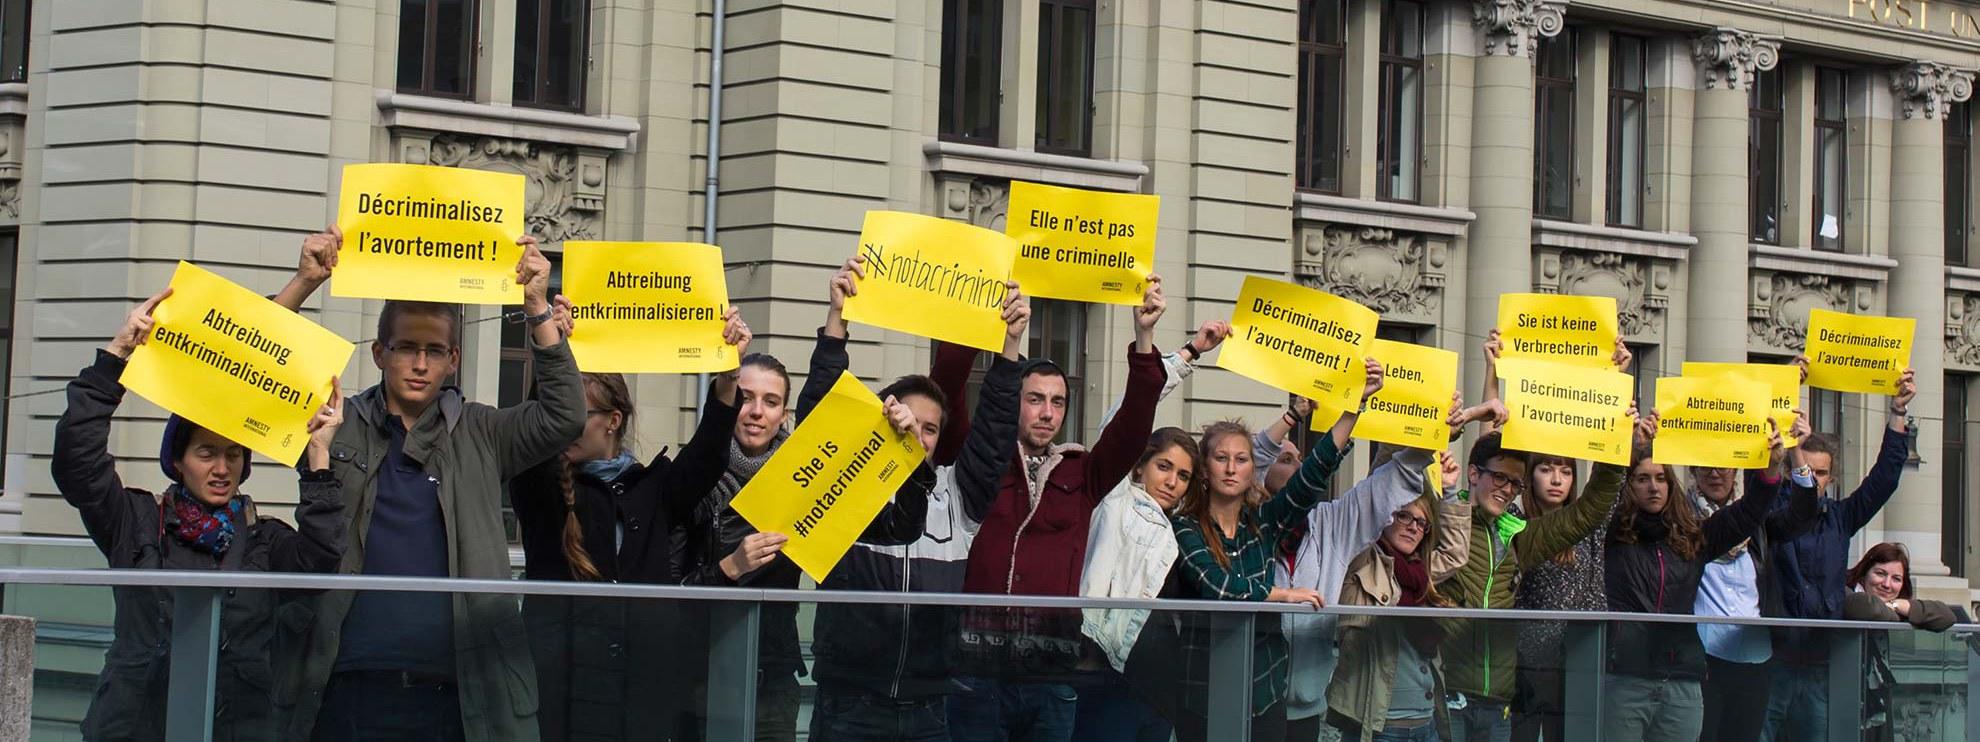 Aktion zur My Body, My Rights Kampagne © Amnesty International Michael von Bergen